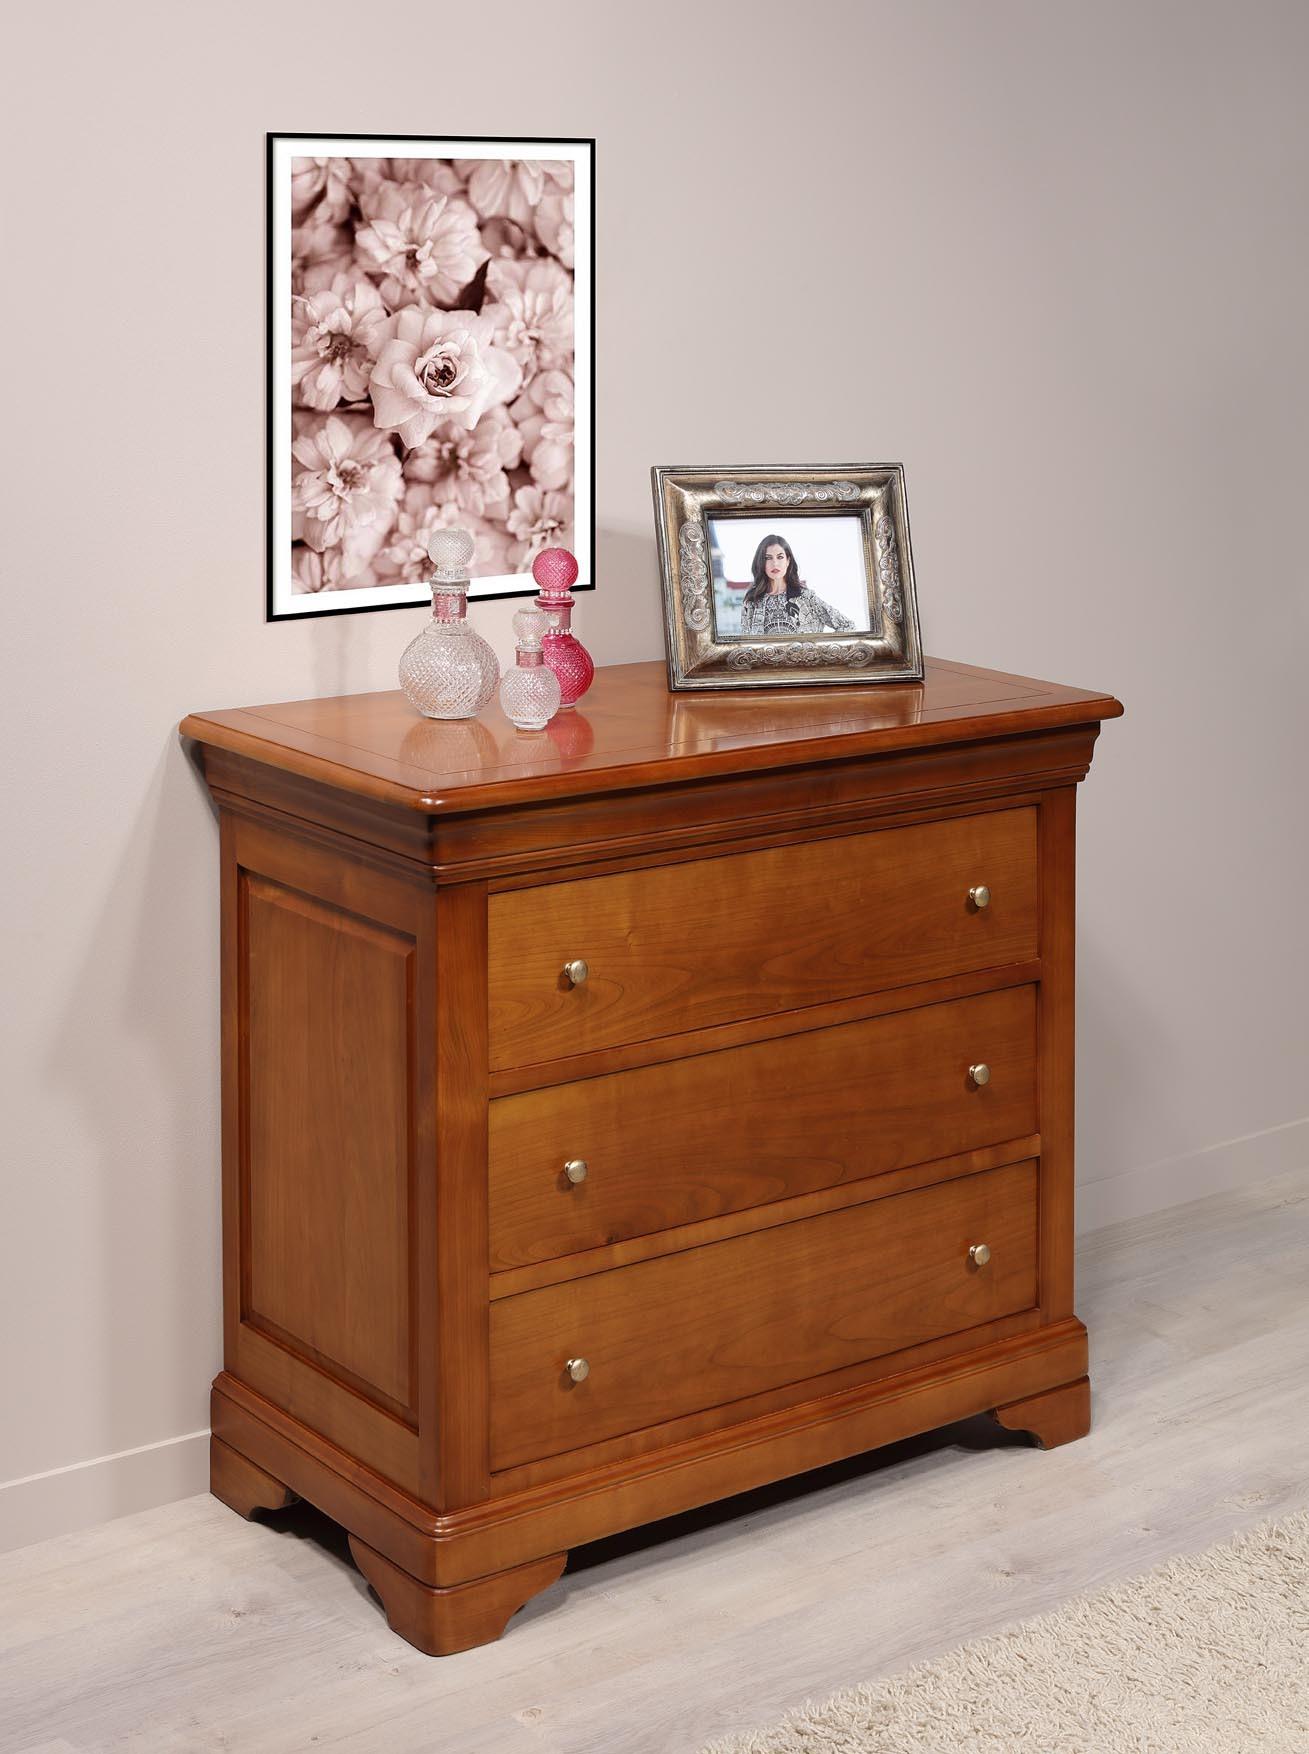 Commode 3 tiroirs am lie en merisier massif de style louis philippe largeur 105 cm meuble en - Commode louis philippe merisier ...